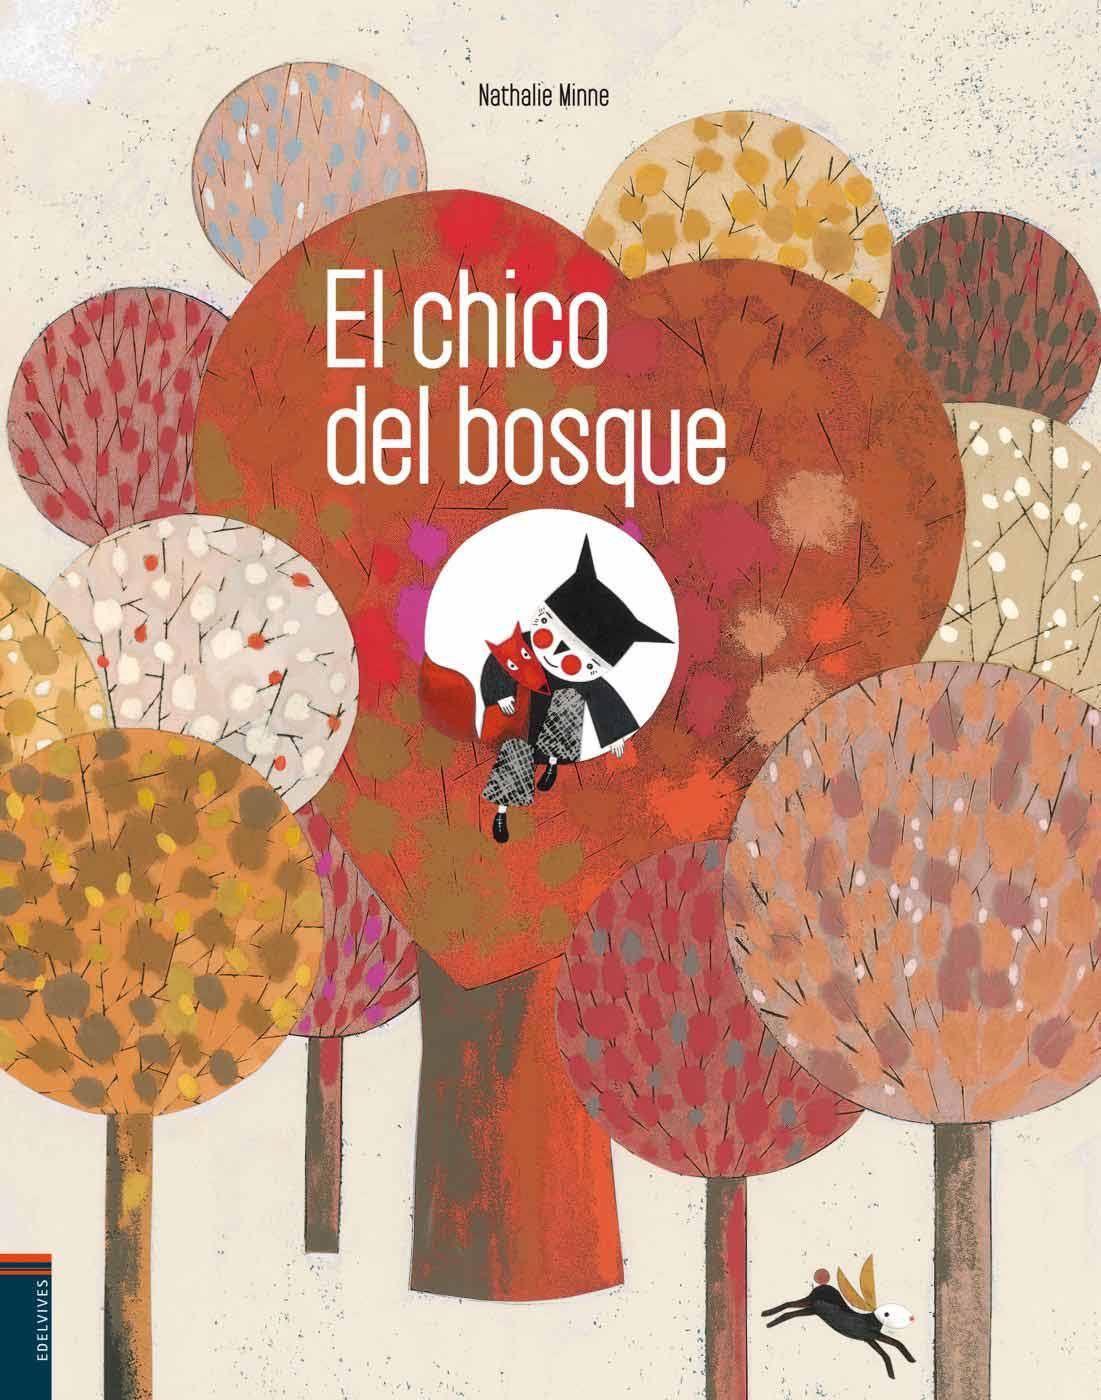 EL CHICO DEL BOSQUE